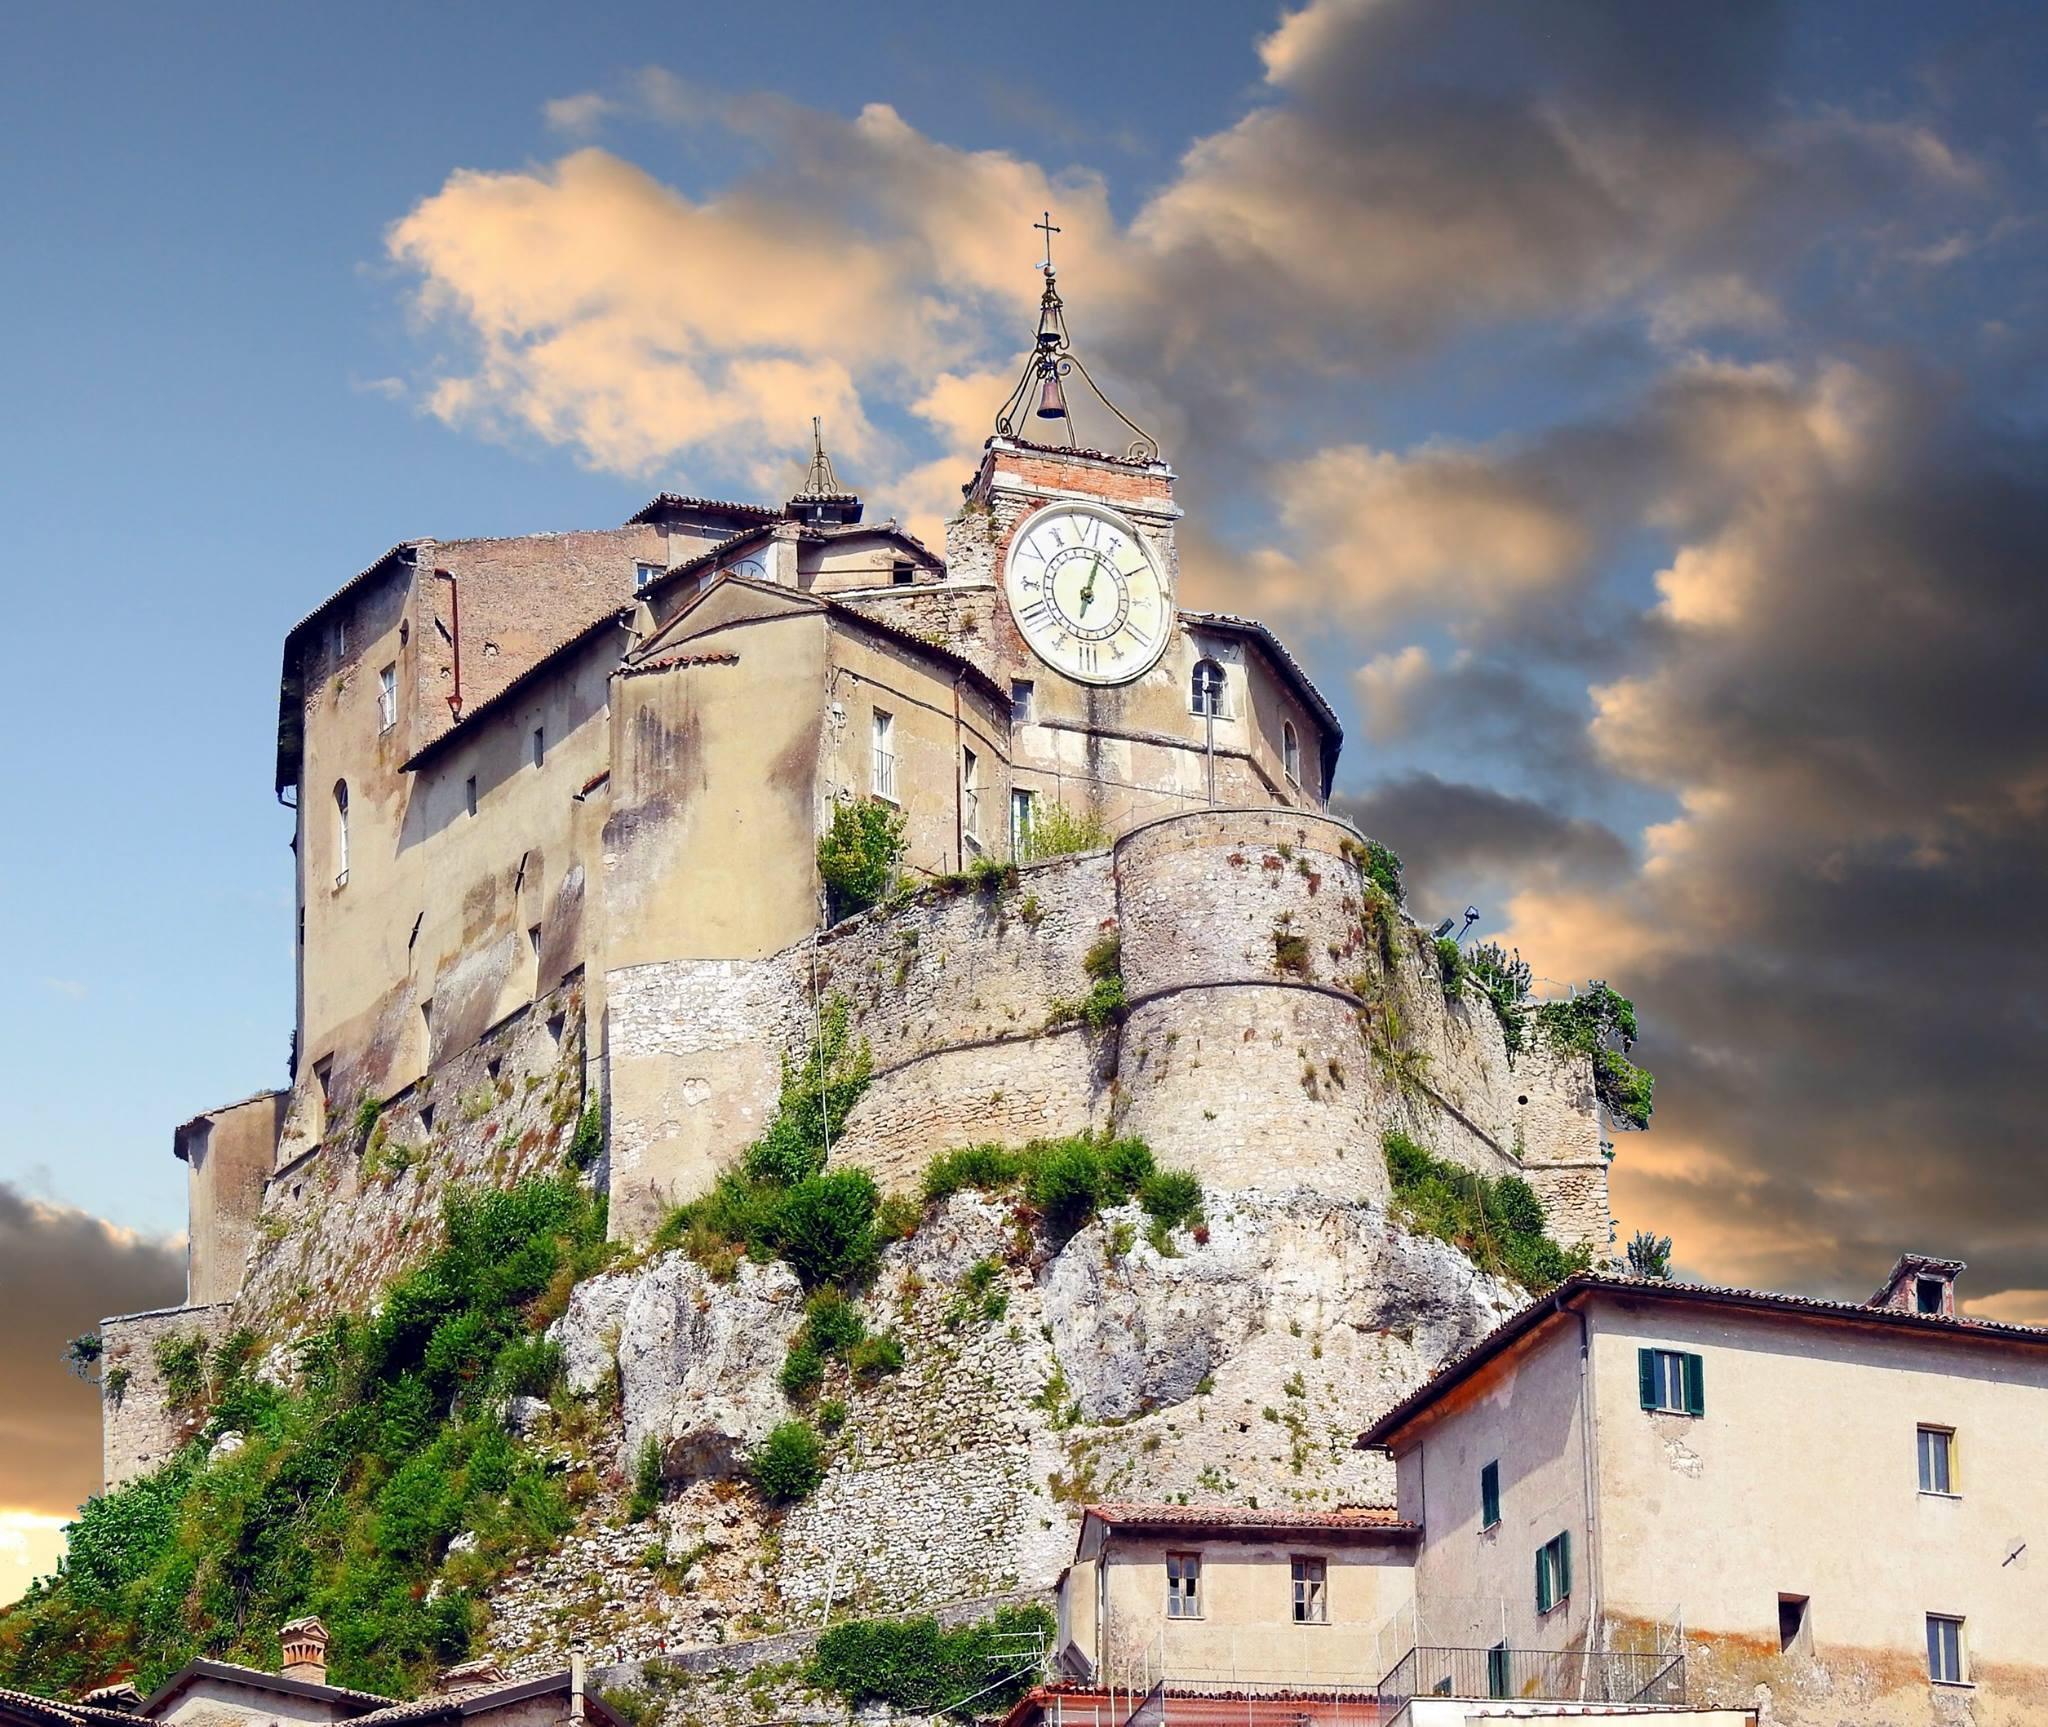 Rocca Abbaziale